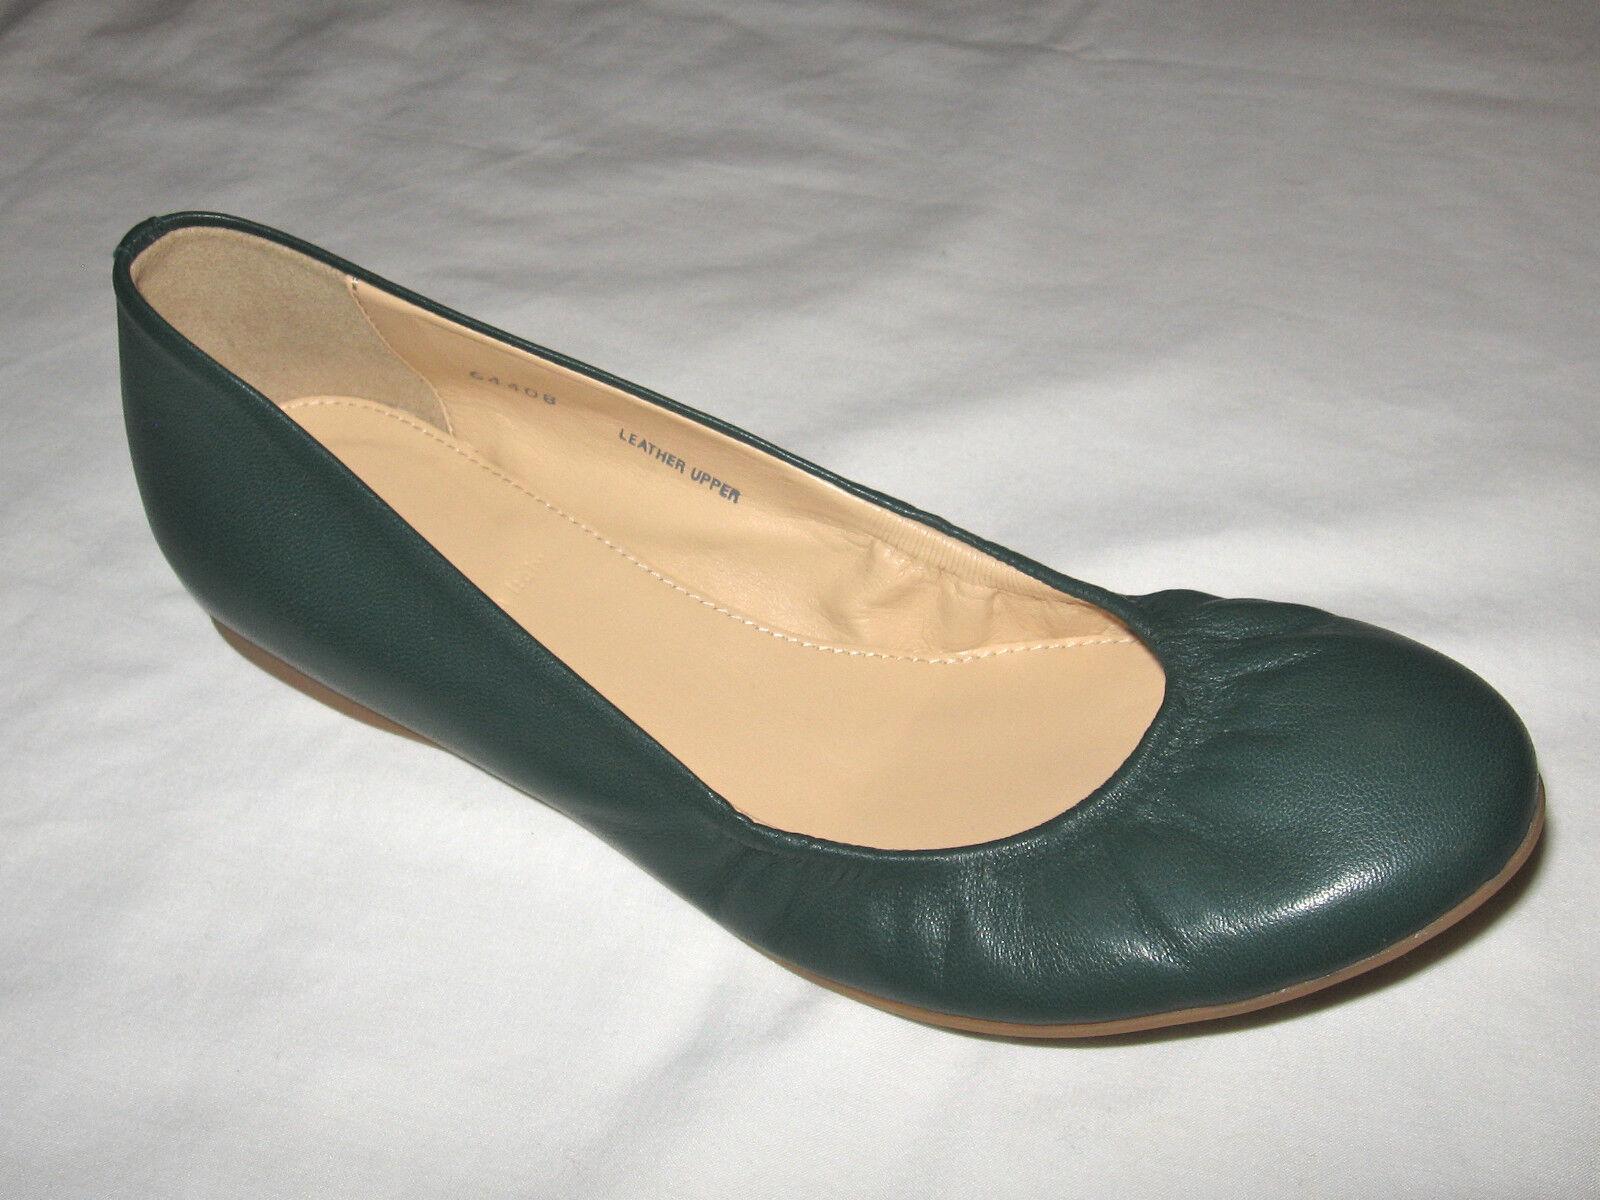 J.Crew Cece Leather Ballet Retail: Flats Color:Boulevard verde Retail: Ballet 138+Tax a48768